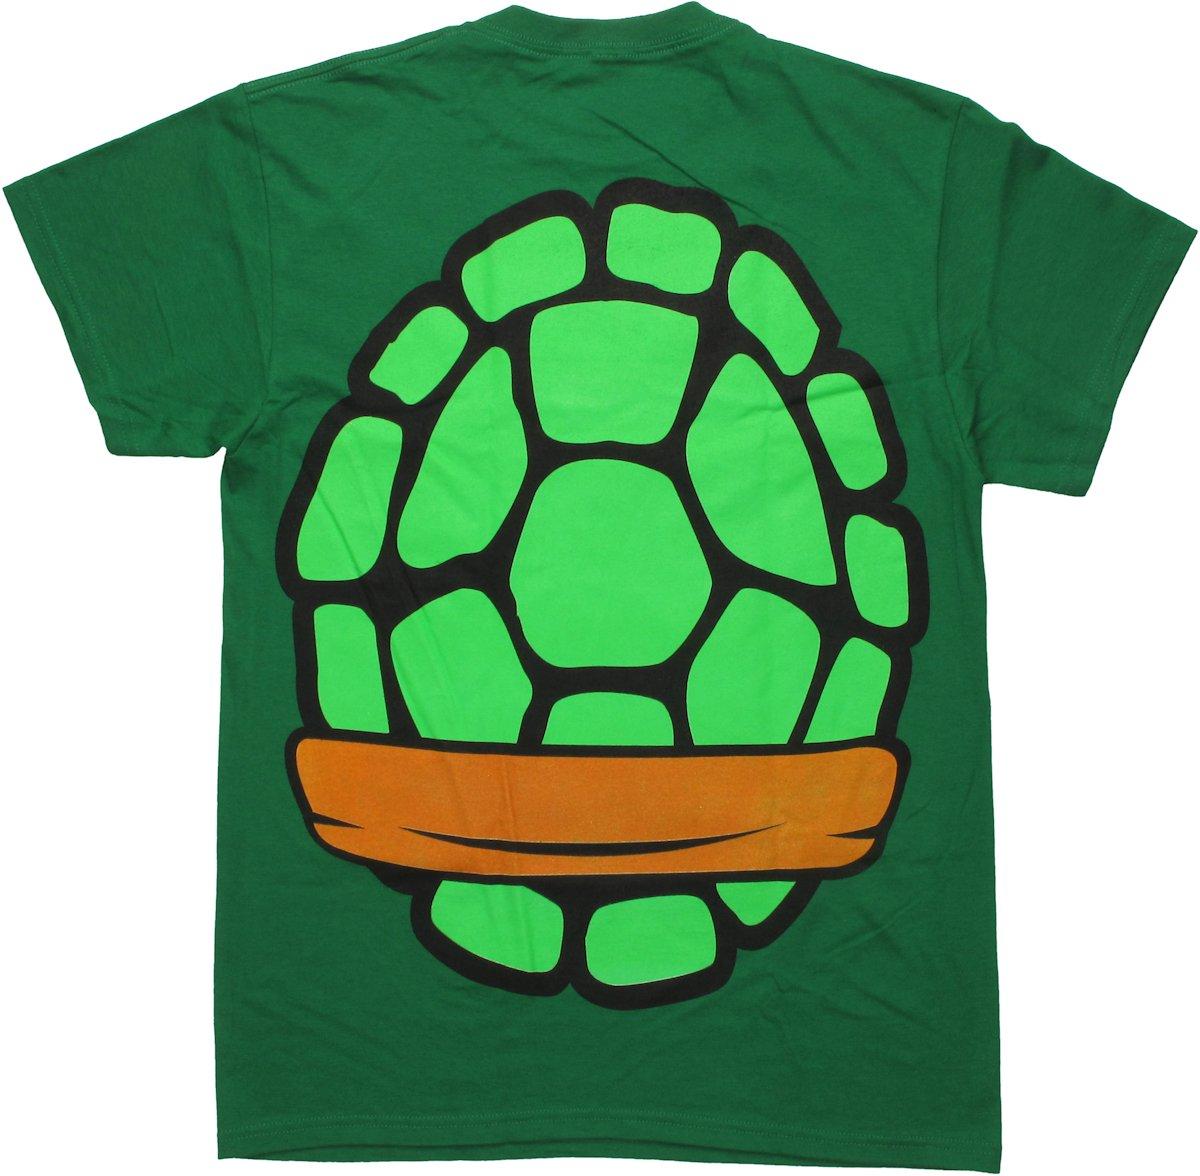 Free Ninja Turtle Clip Art